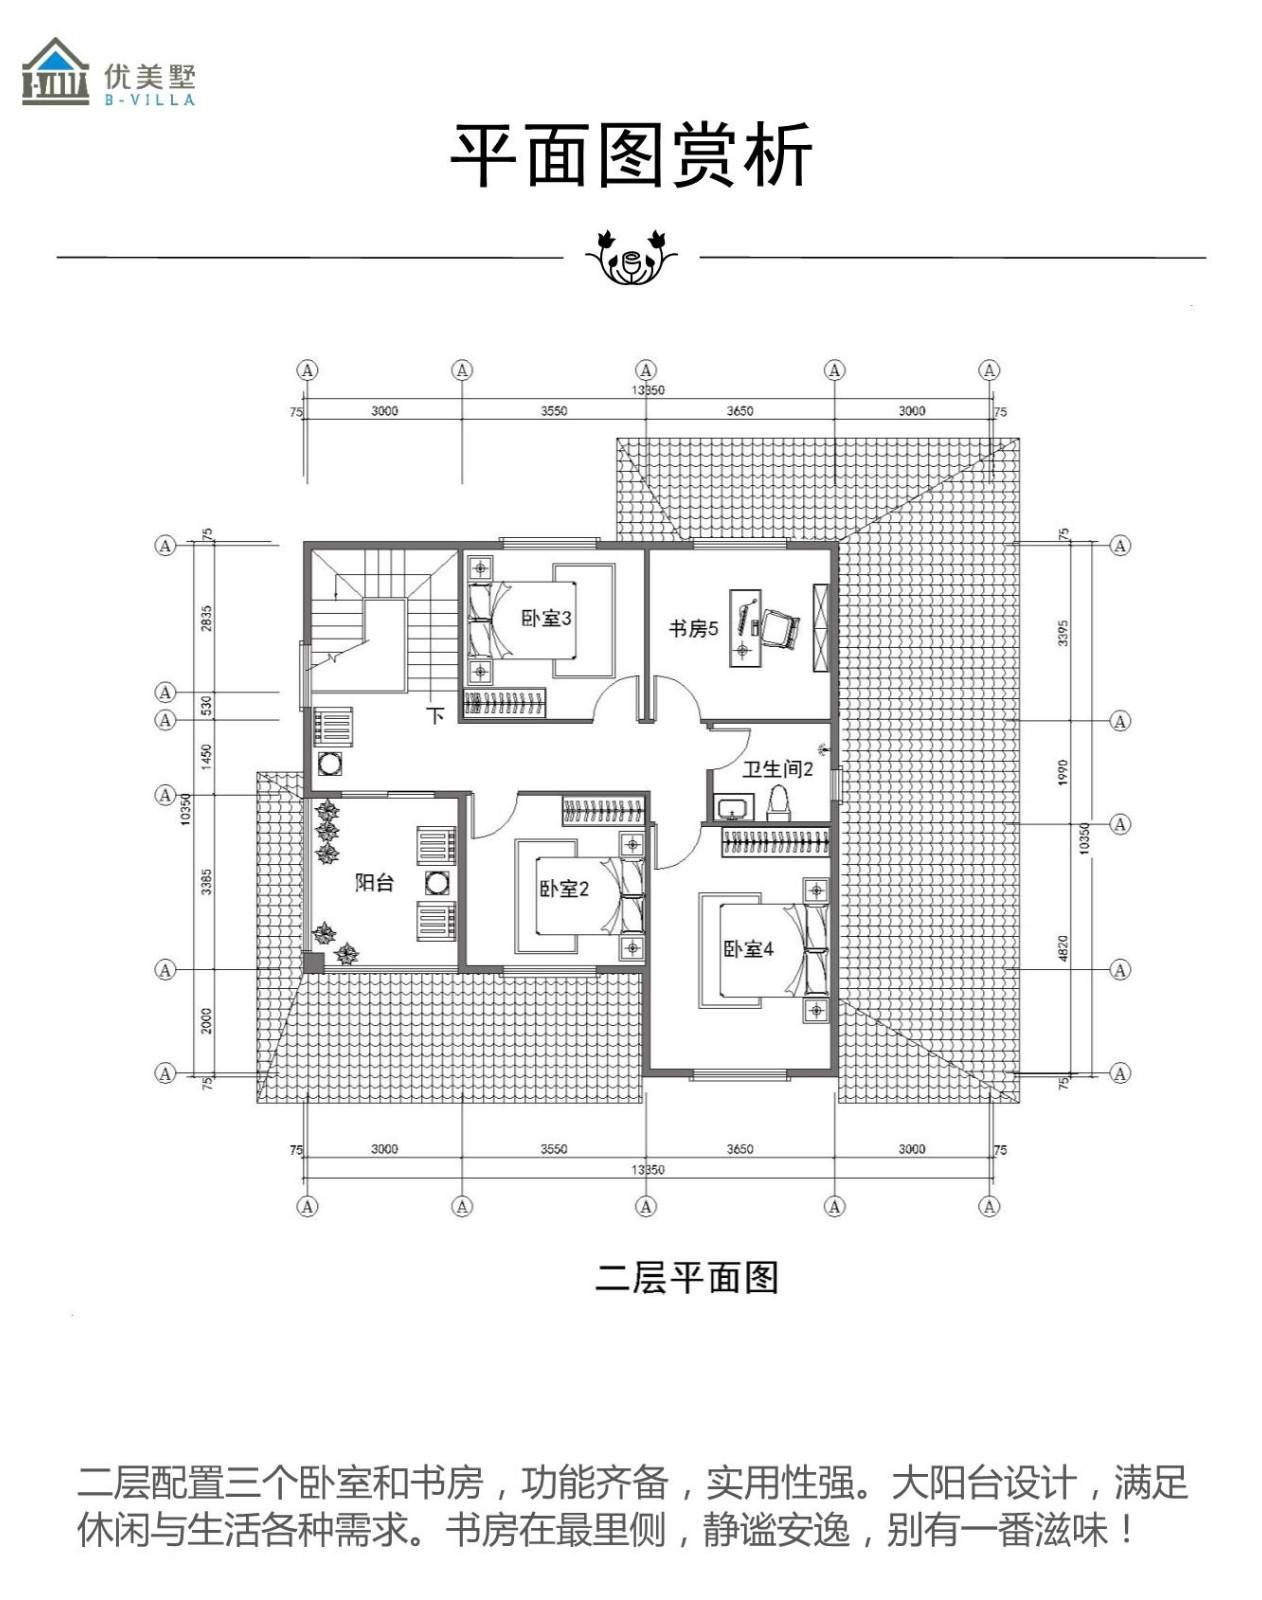 美墅—精装修交付(重钢框架结构)